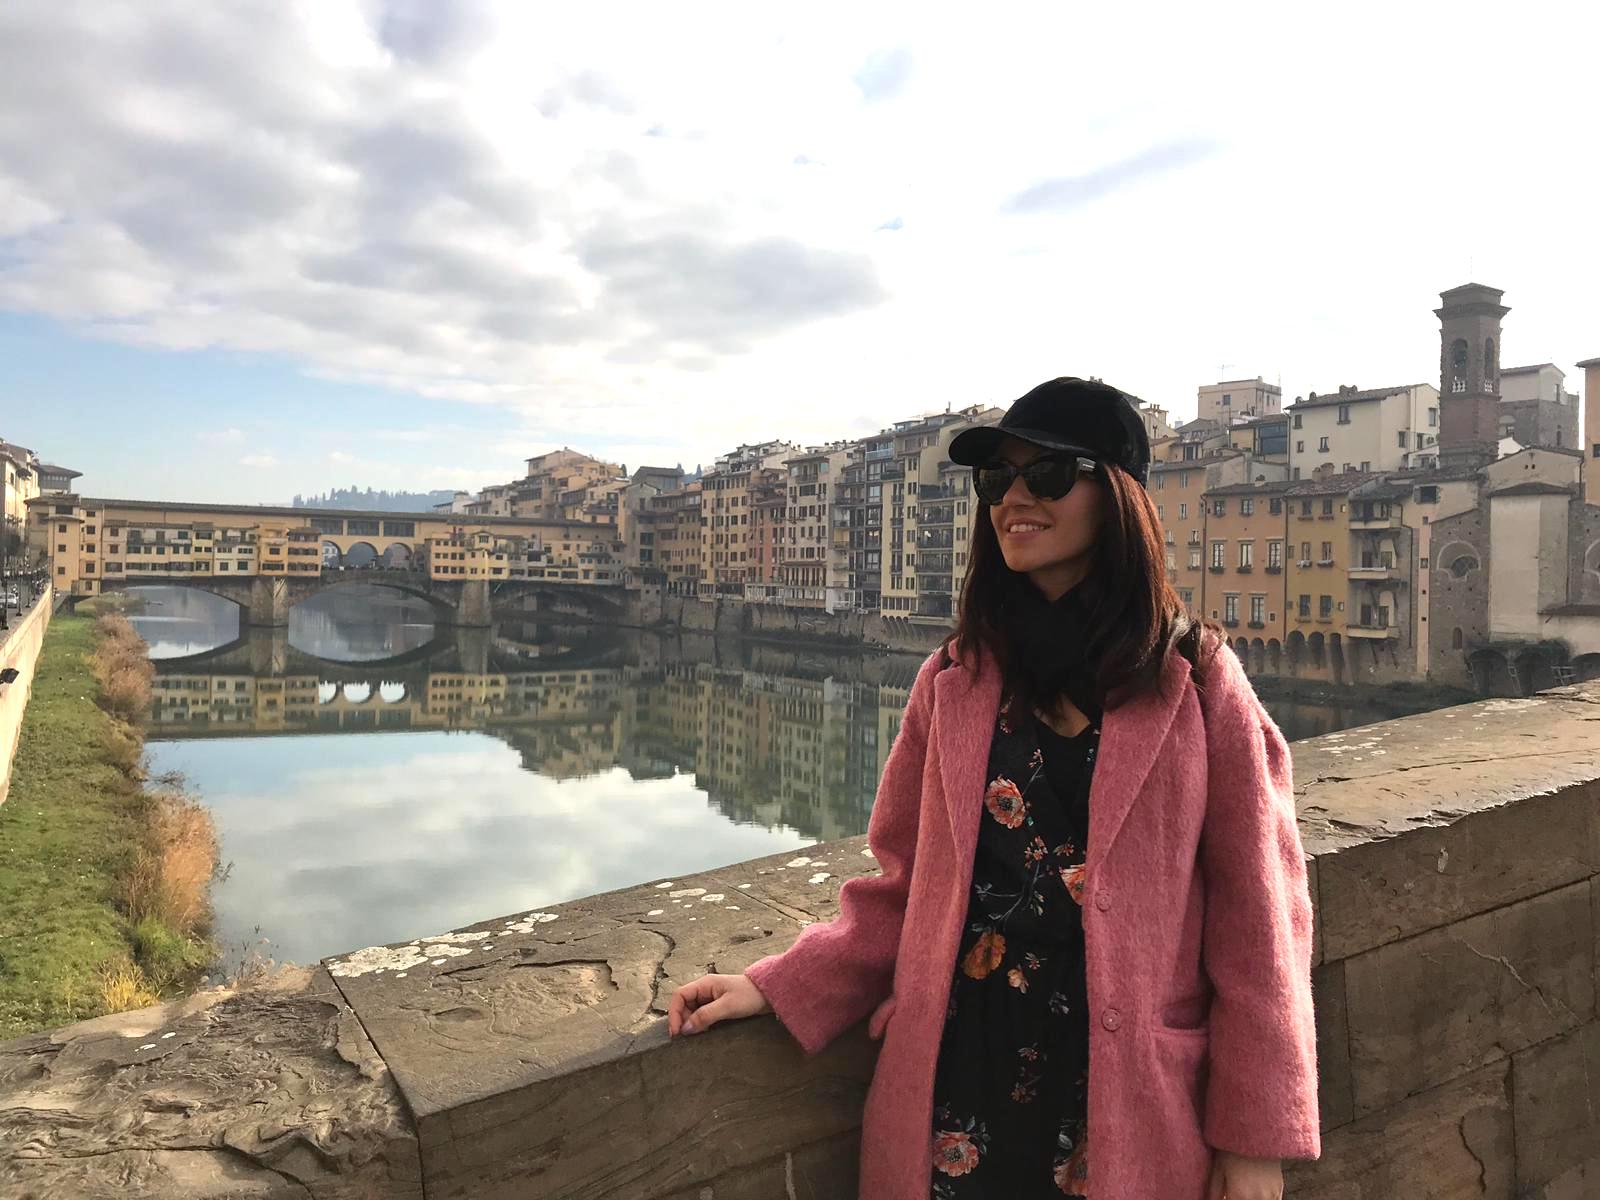 [:it]Firenze: curiosità, segreti e informazioni utili.[:in]FLORENCE: CURIOSITIES, SECRETS AND USEFUL INFORMATION.[:]